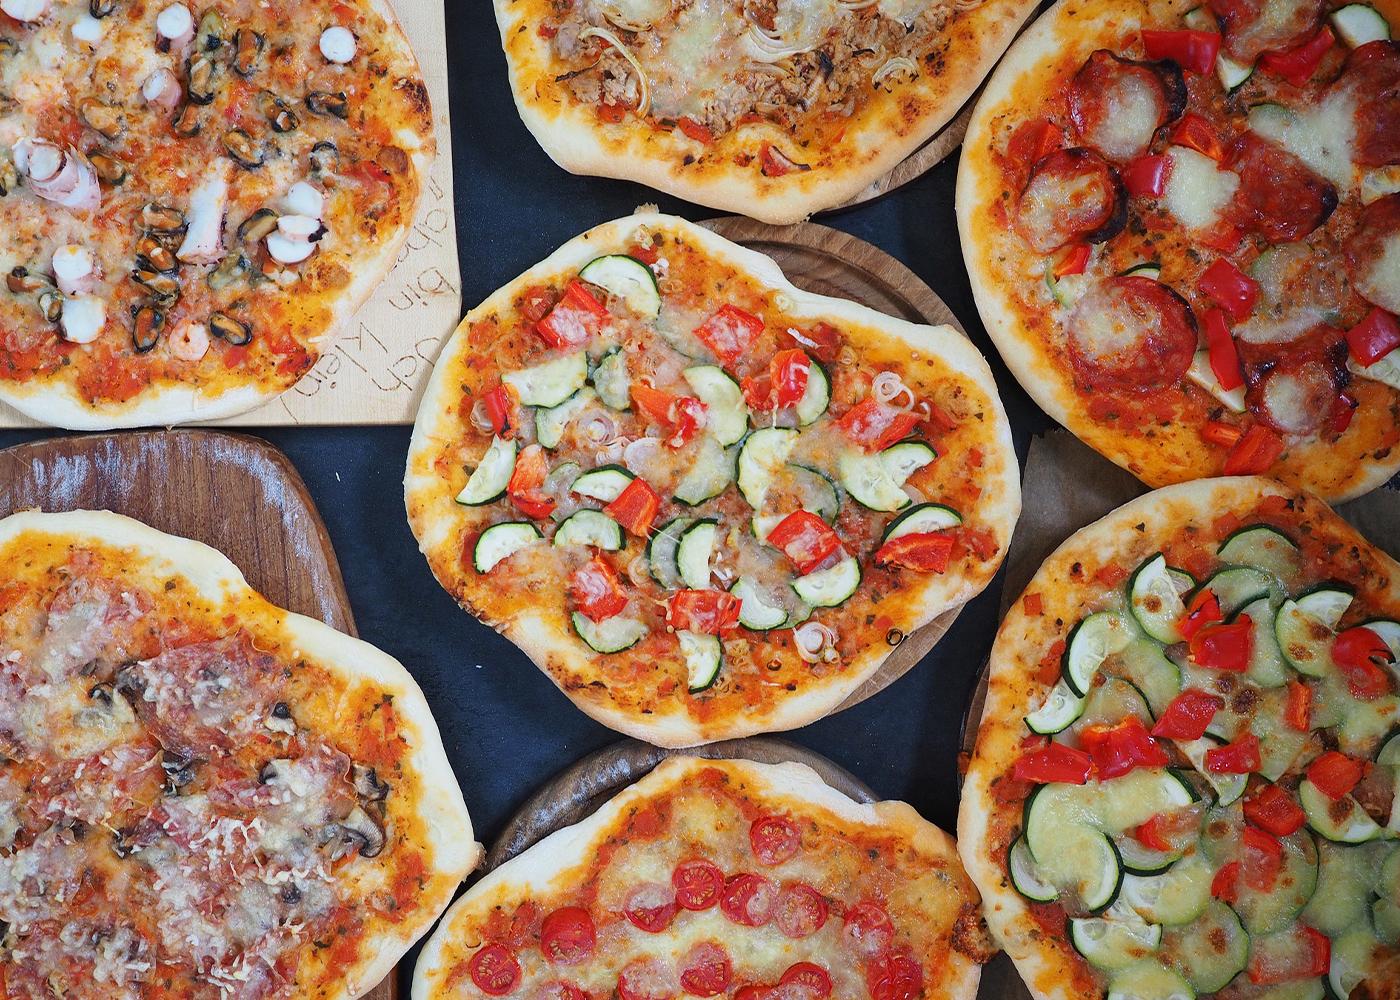 Migliori ricette per pizza fatta in casa